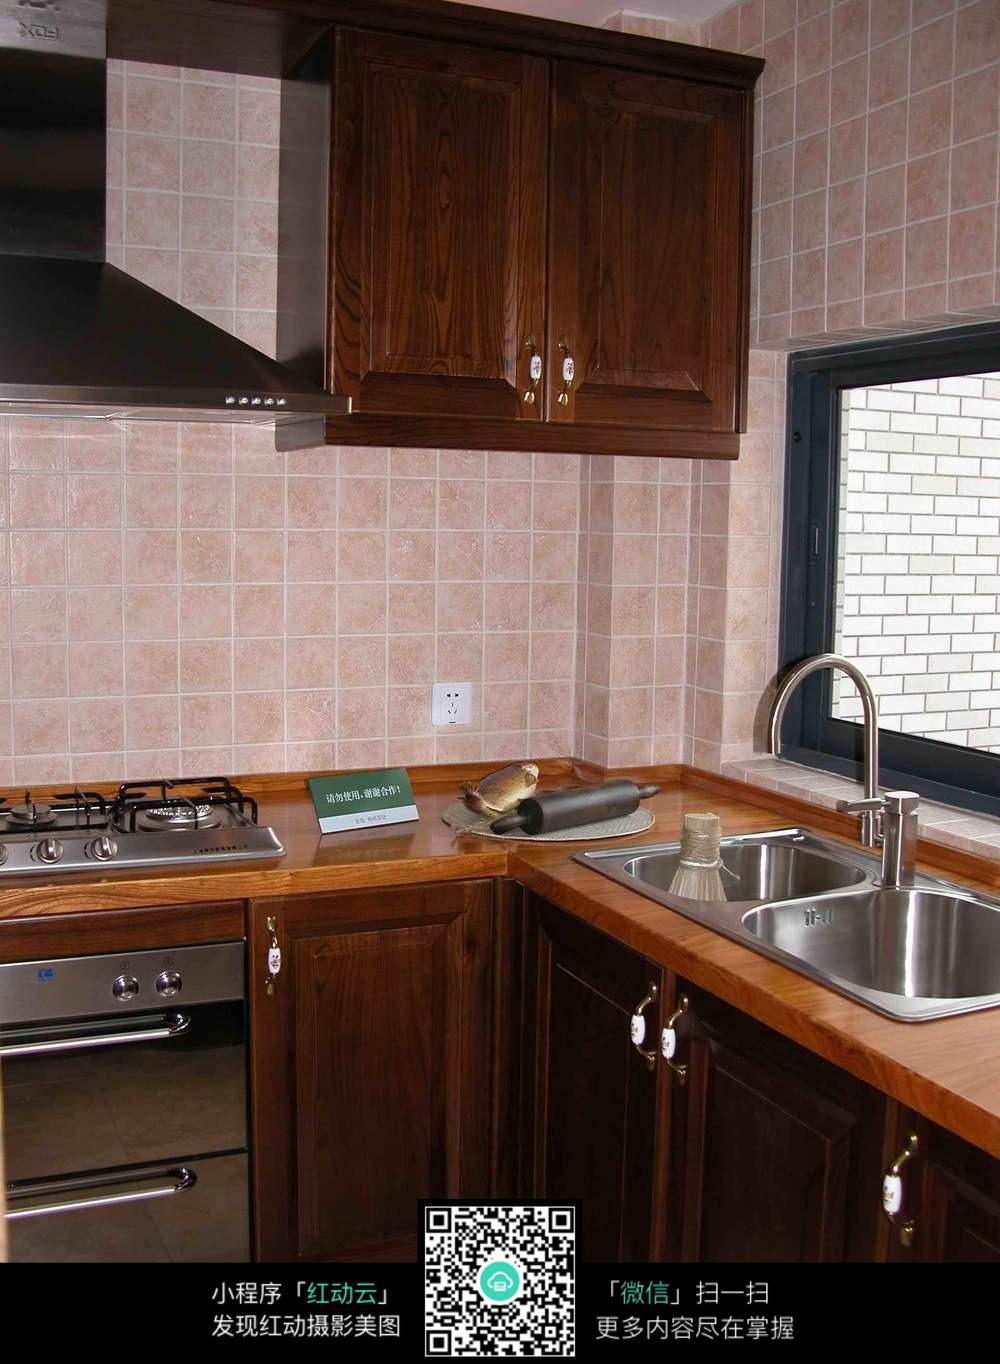 橱柜 厨房 家居 设计 装修 1000_1364 竖版 竖屏